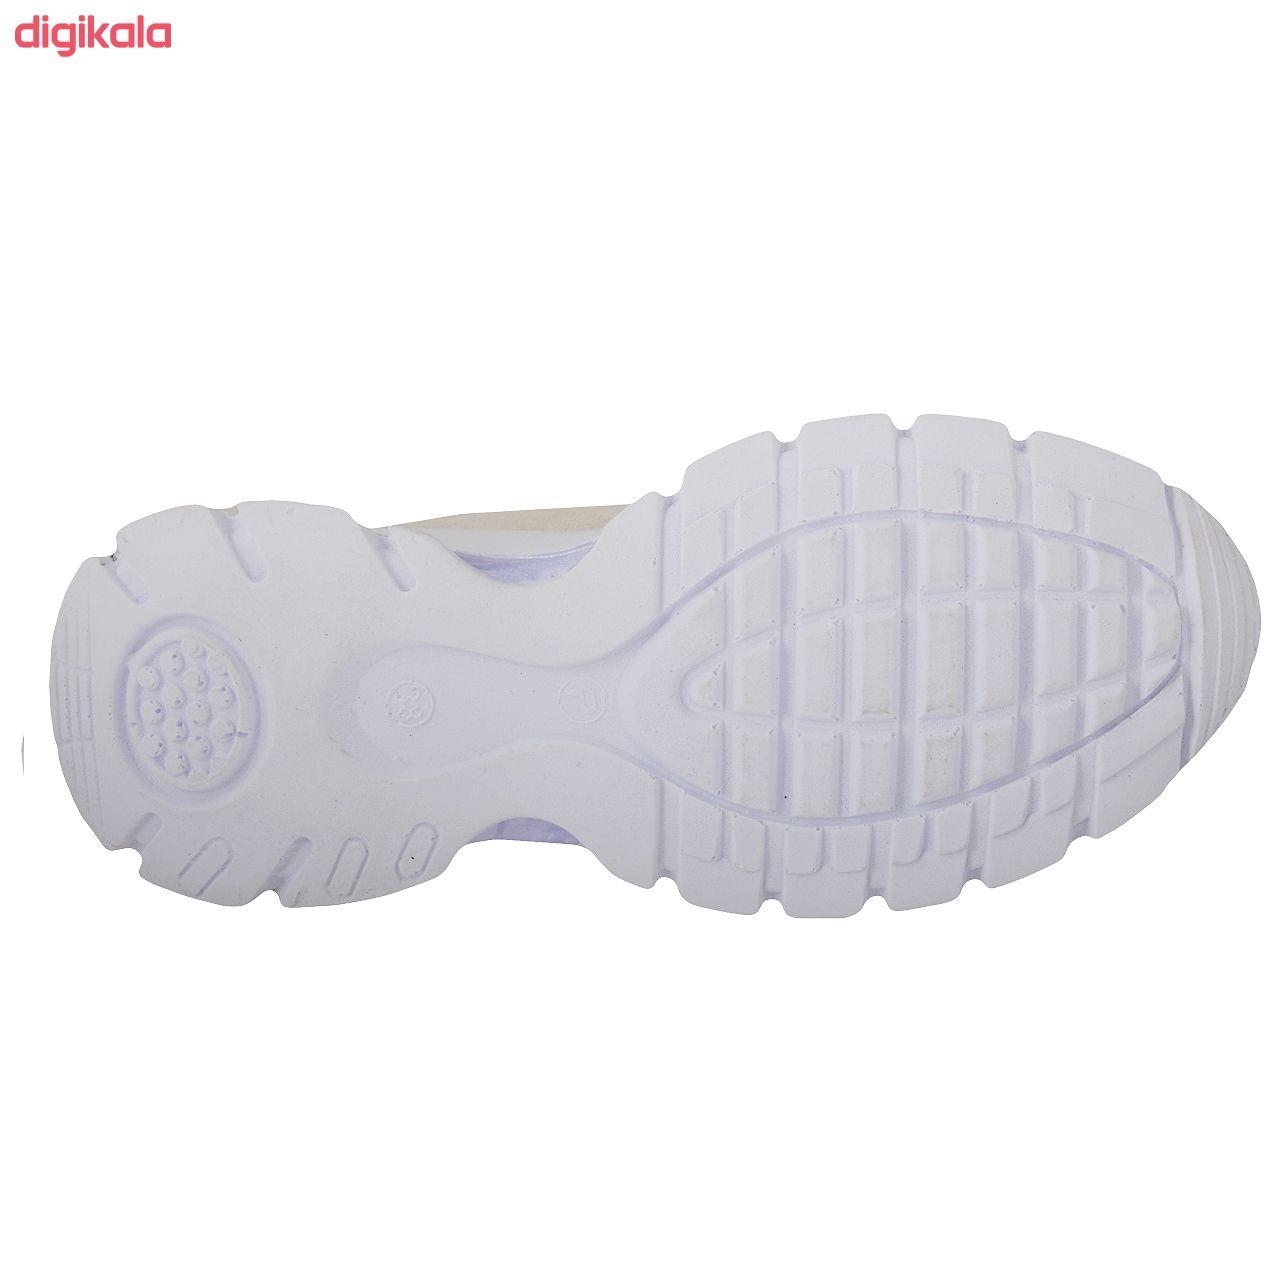 کفش مخصوص پیاده روی زنانه کد 351004709 main 1 3